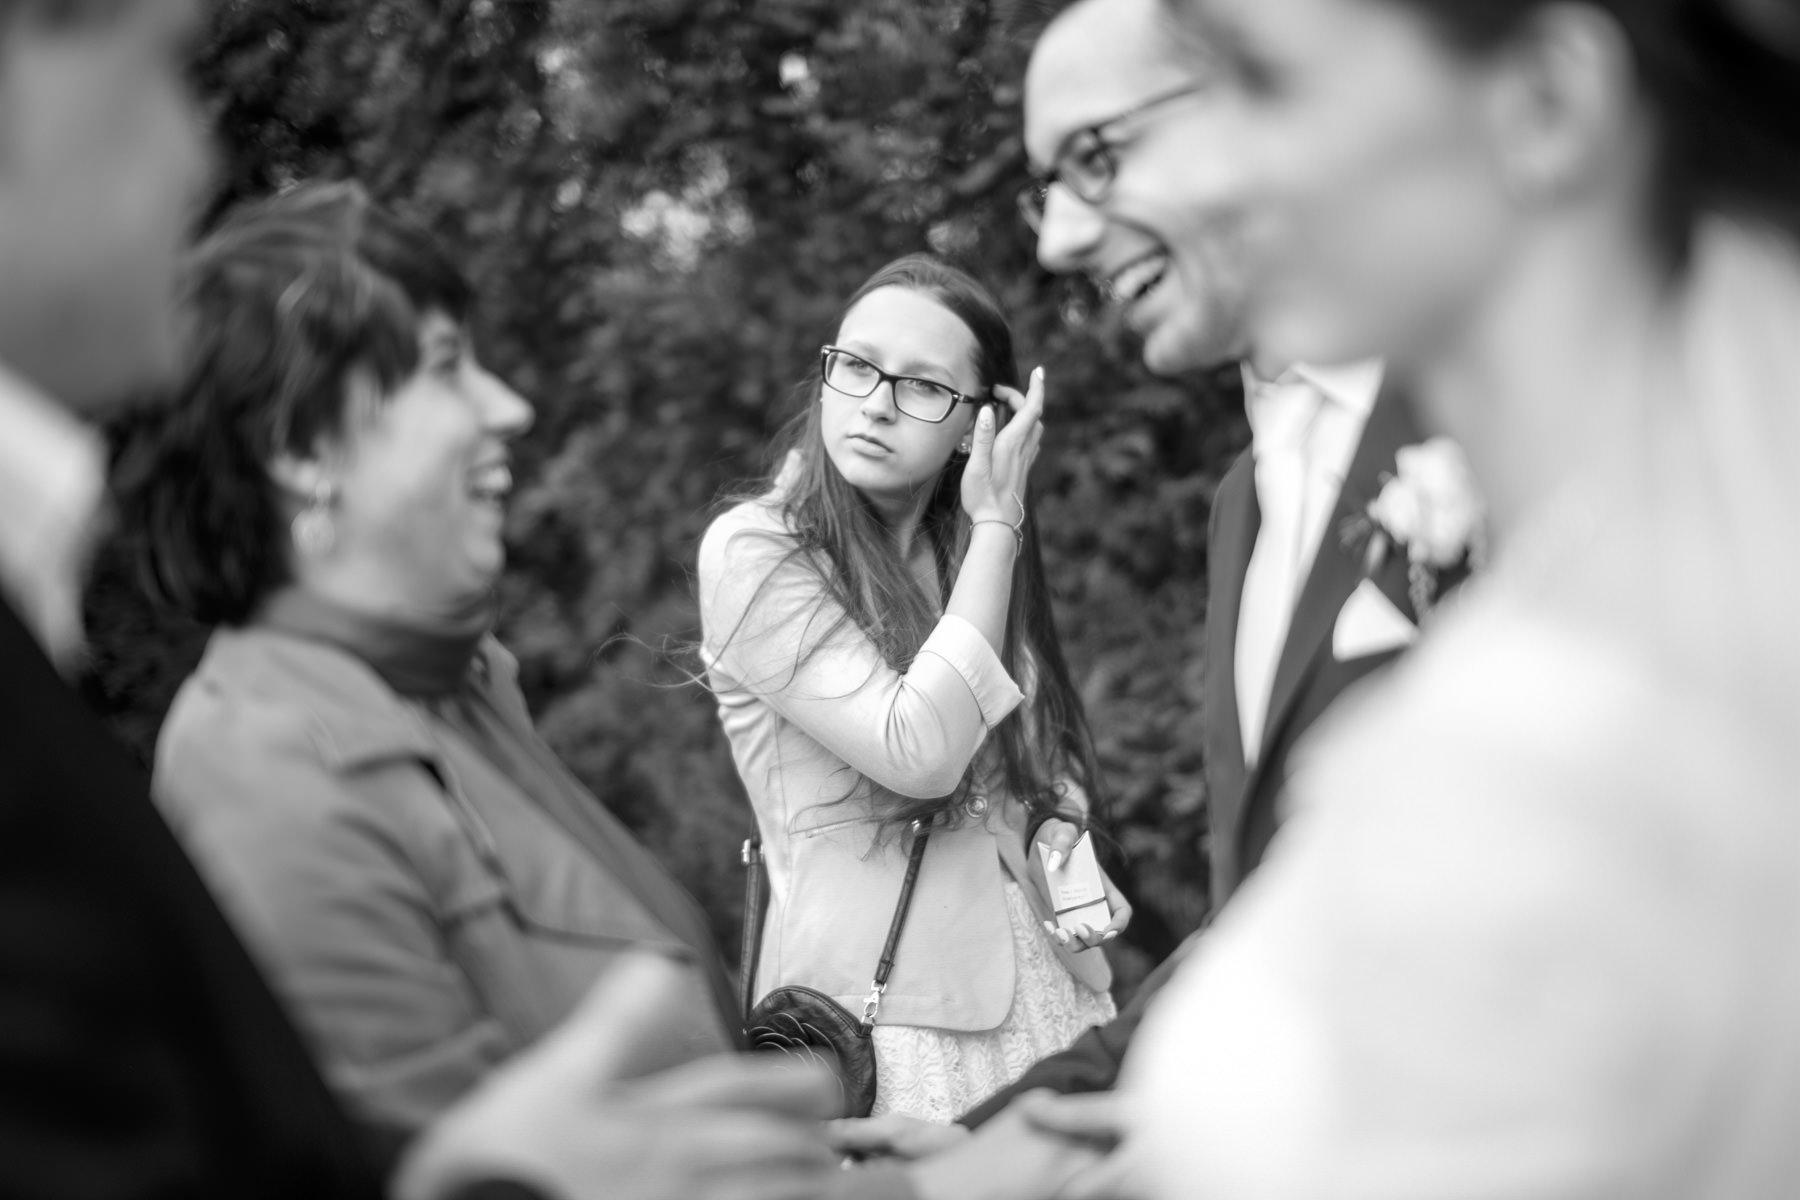 fotograf slub bielsko biala ania maciej 97 - Ślub w Bielsku-Białej - ANIA & MACIEJ